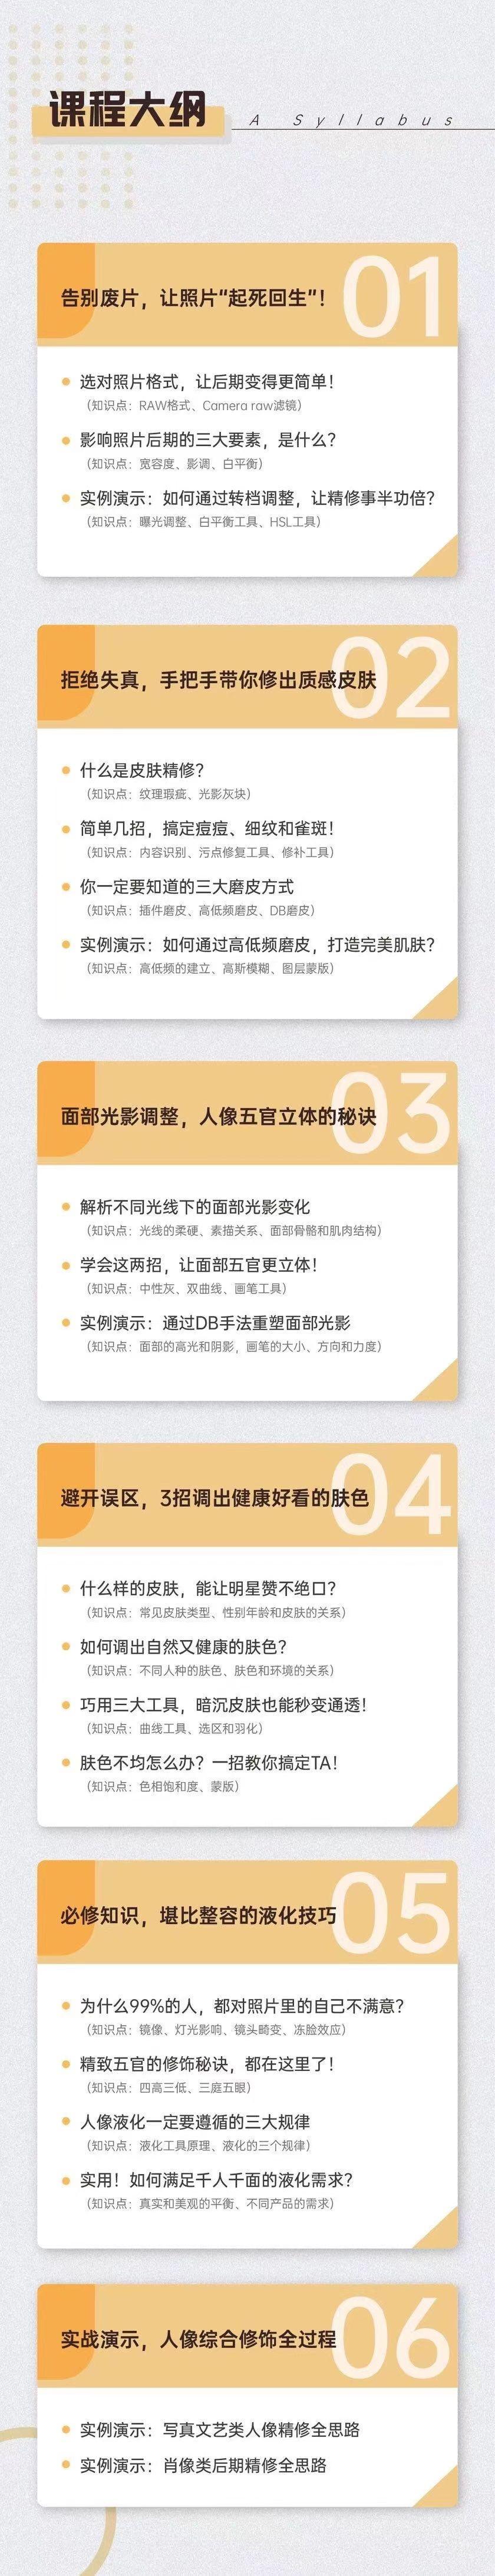 平面教程-海马体 2020最新人像精修课程(带素材)(4)